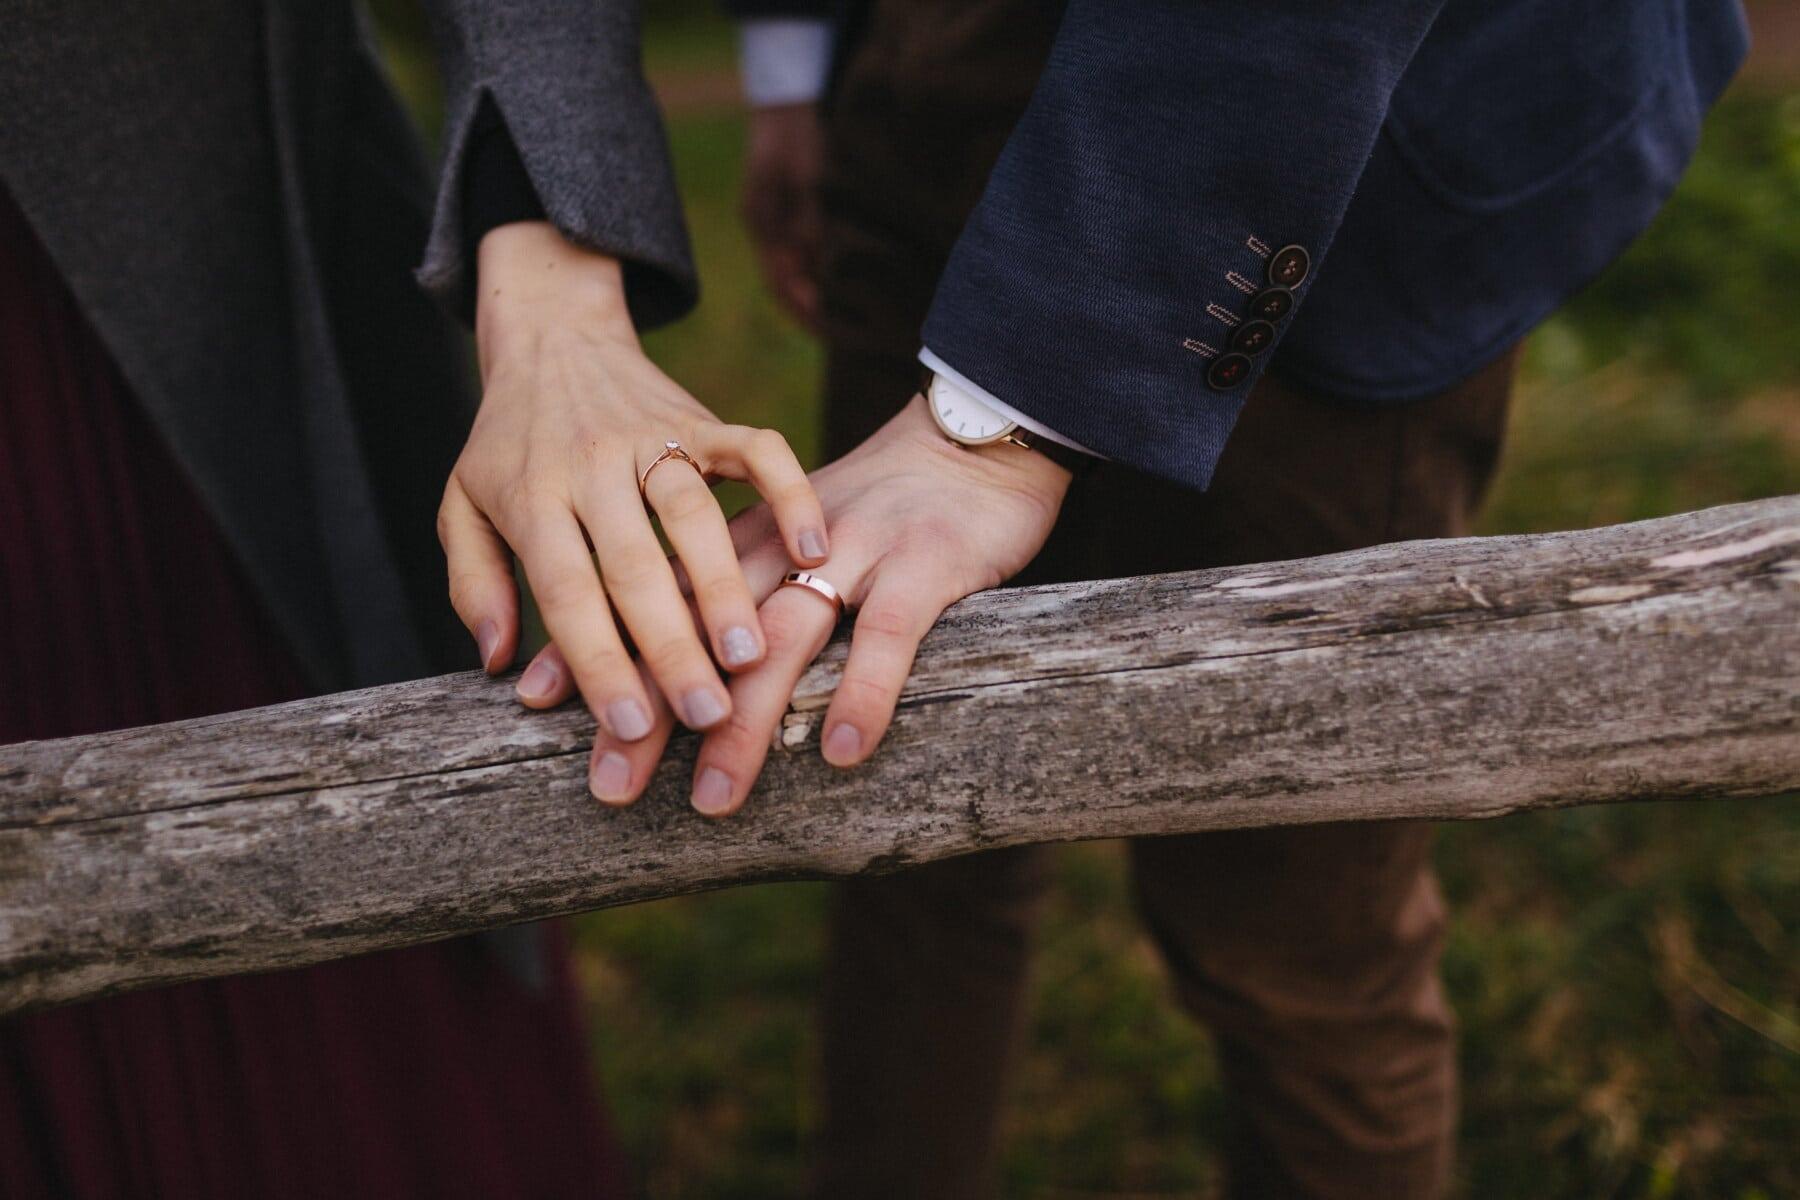 or, toucher, anneaux, main dans la main, amant, bois, clôture, mains, vintage, amour